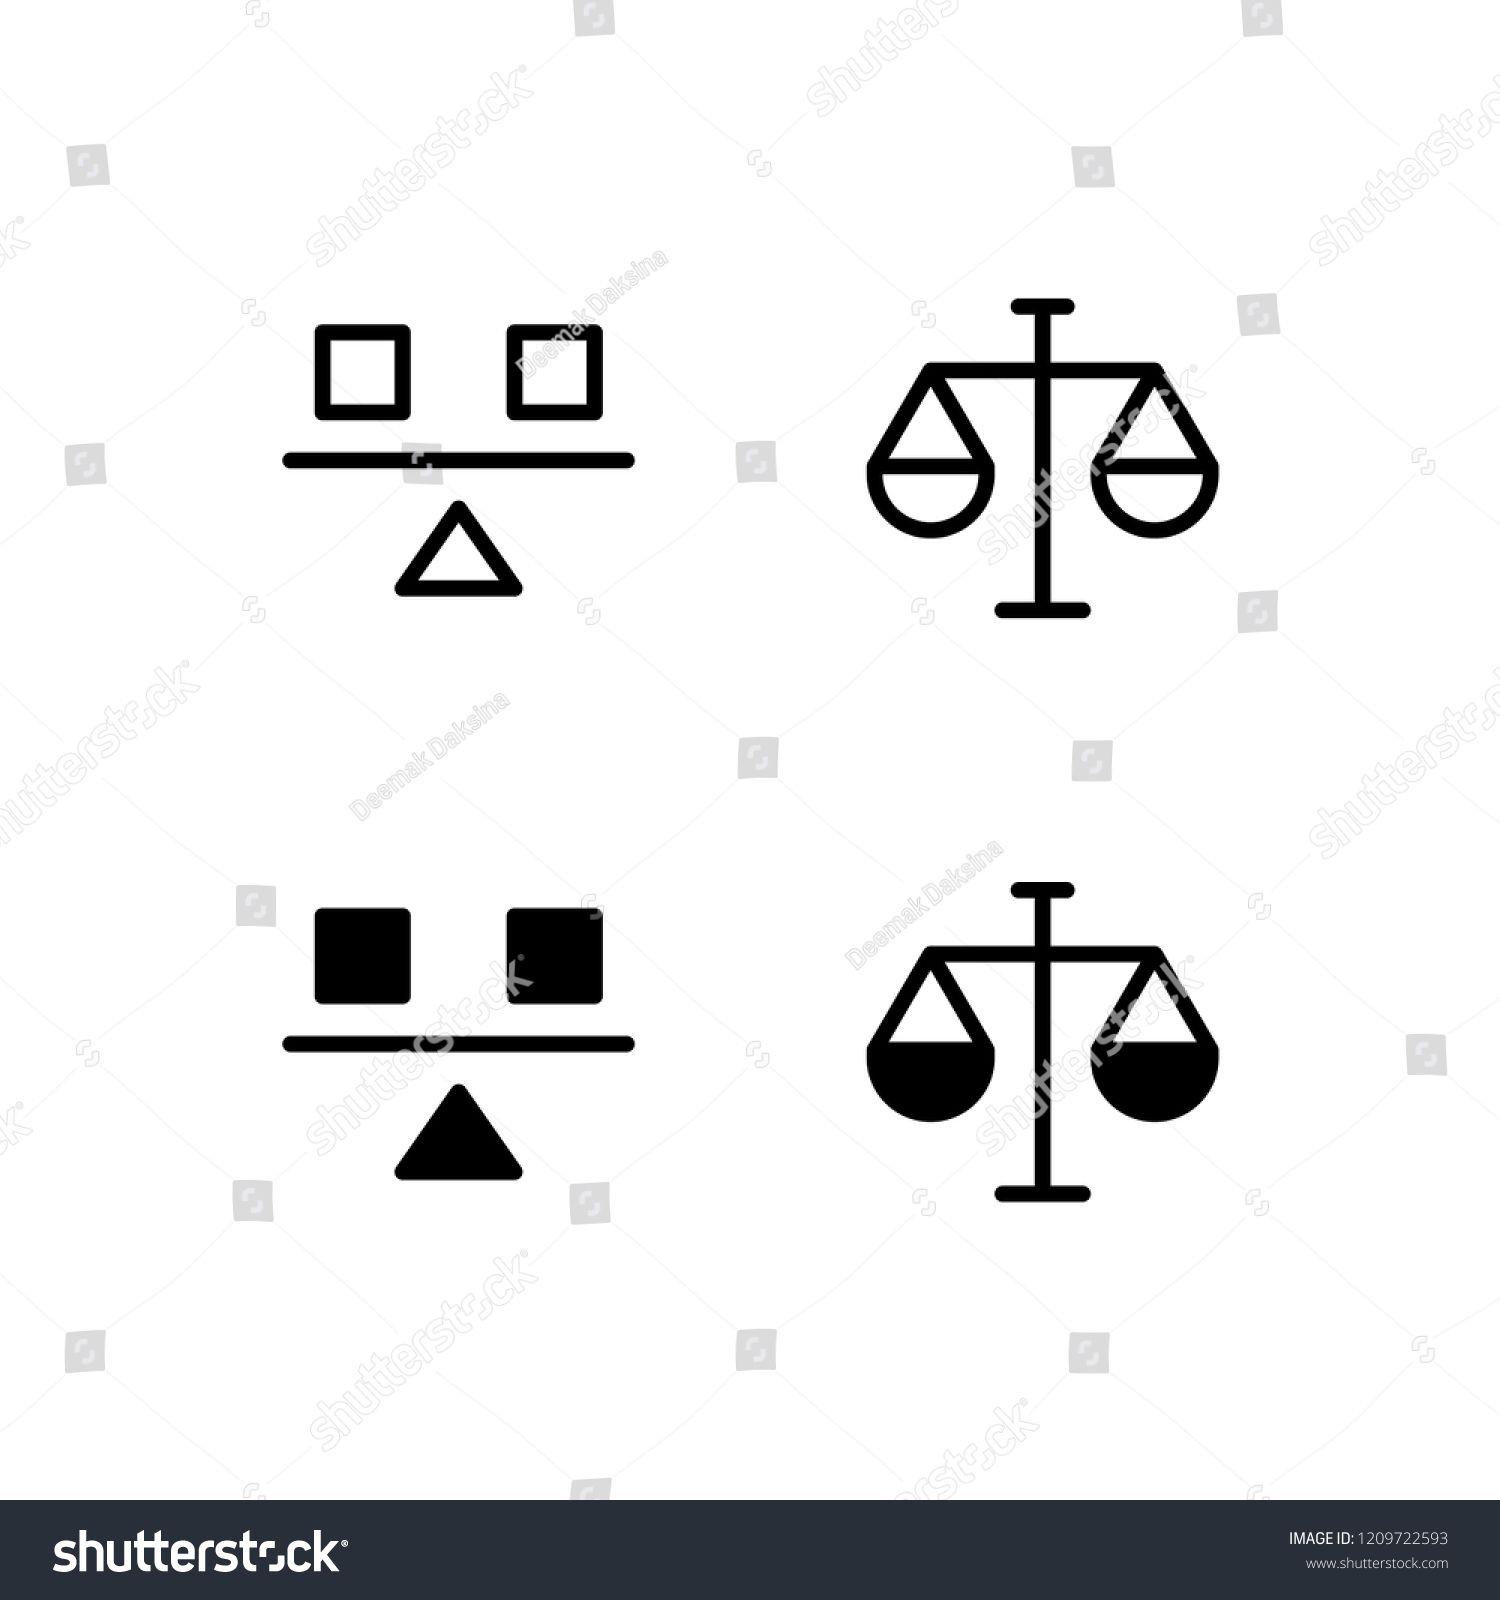 Balance Icon Design. balance, equality, equilibrium